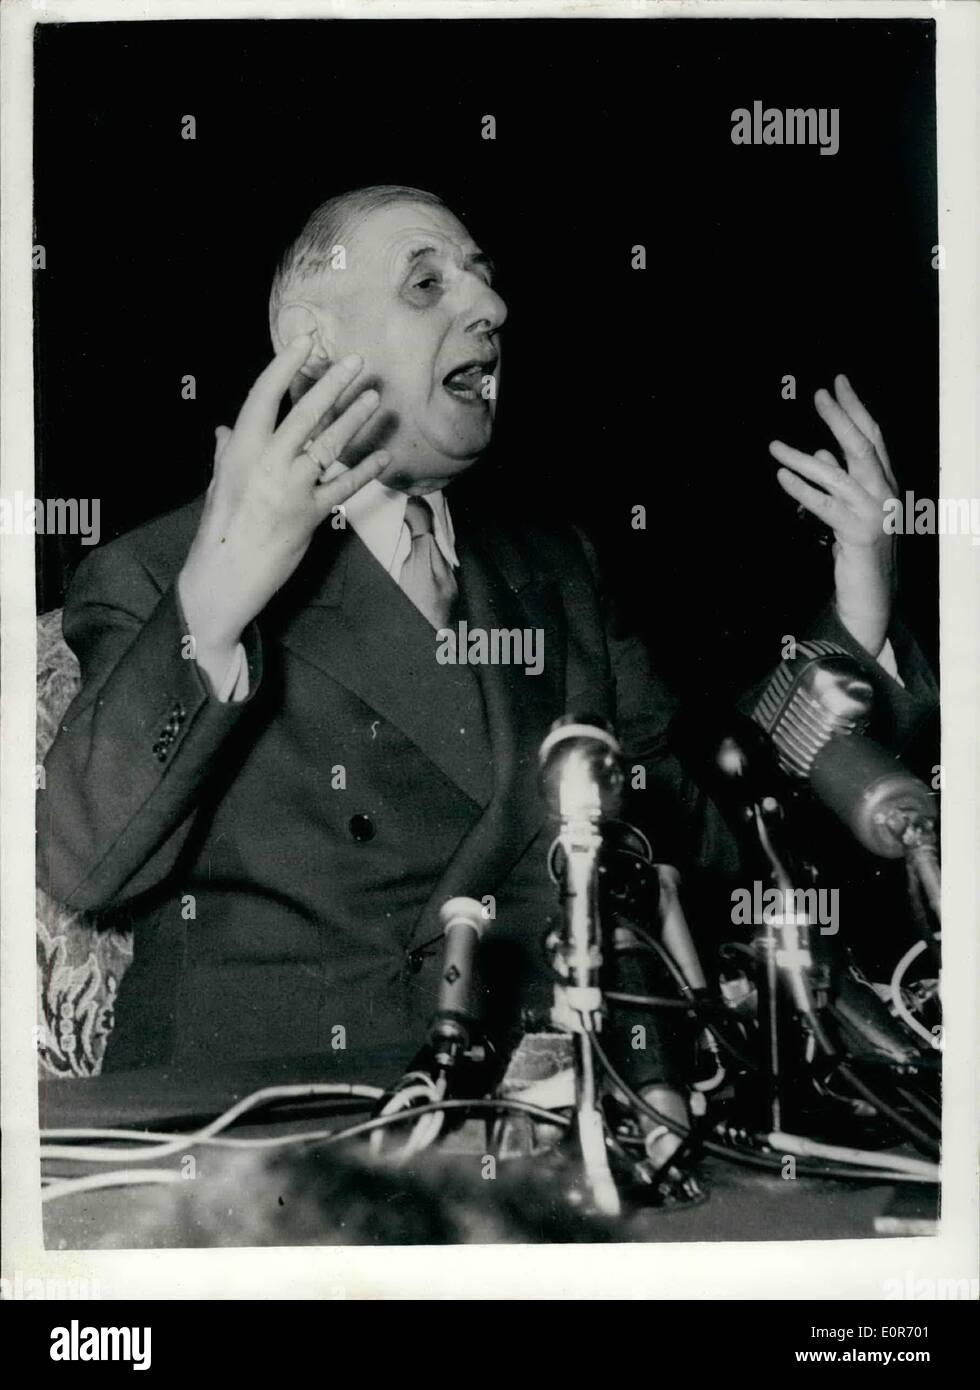 05 maggio 1958 - il generale de Gaulle fa il suo discorso il generale De Gaulle ha fatto il suo discorso presso l'Hotel Palais d'Orasy - Paris - questo pomeriggio..It wask che egli è stato ''pronto'' a seguito della crisi algerina. Keystone Mostra fotografica di:- con la bocca Aperta - il generale De Gaulle sottolinea un punto - durante il suo intervento di questo pomeriggio. Immagini Stock